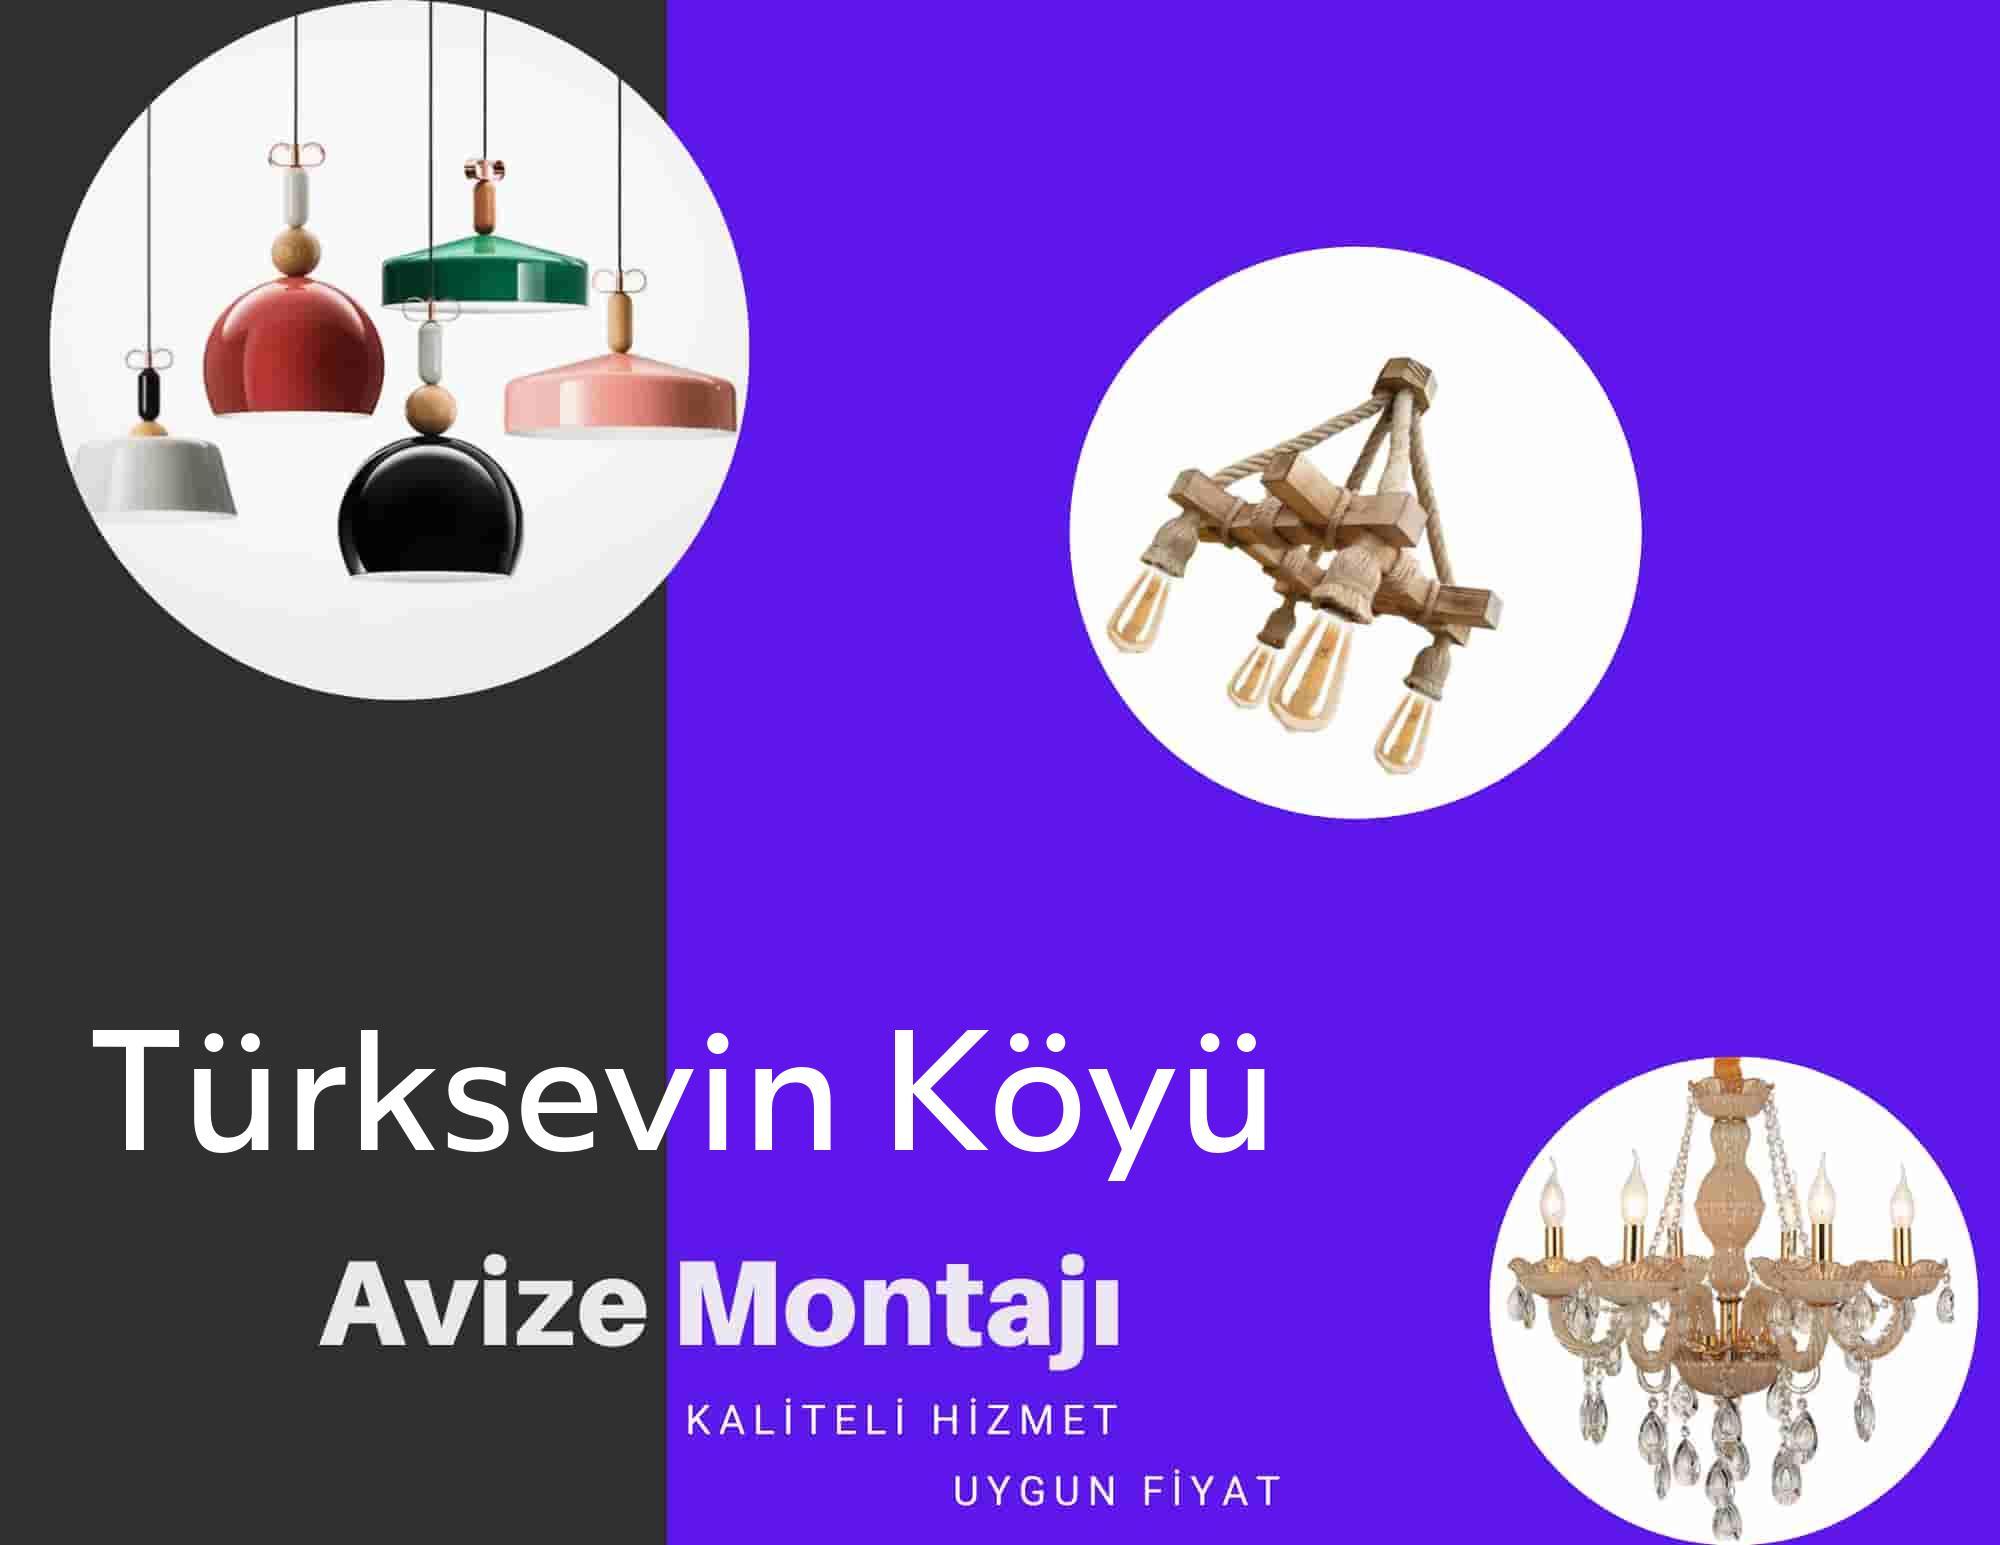 Türksevin Köyüde avize montajı yapan yerler arıyorsanız elektrikcicagir anında size profesyonel avize montajı ustasını yönlendirir.